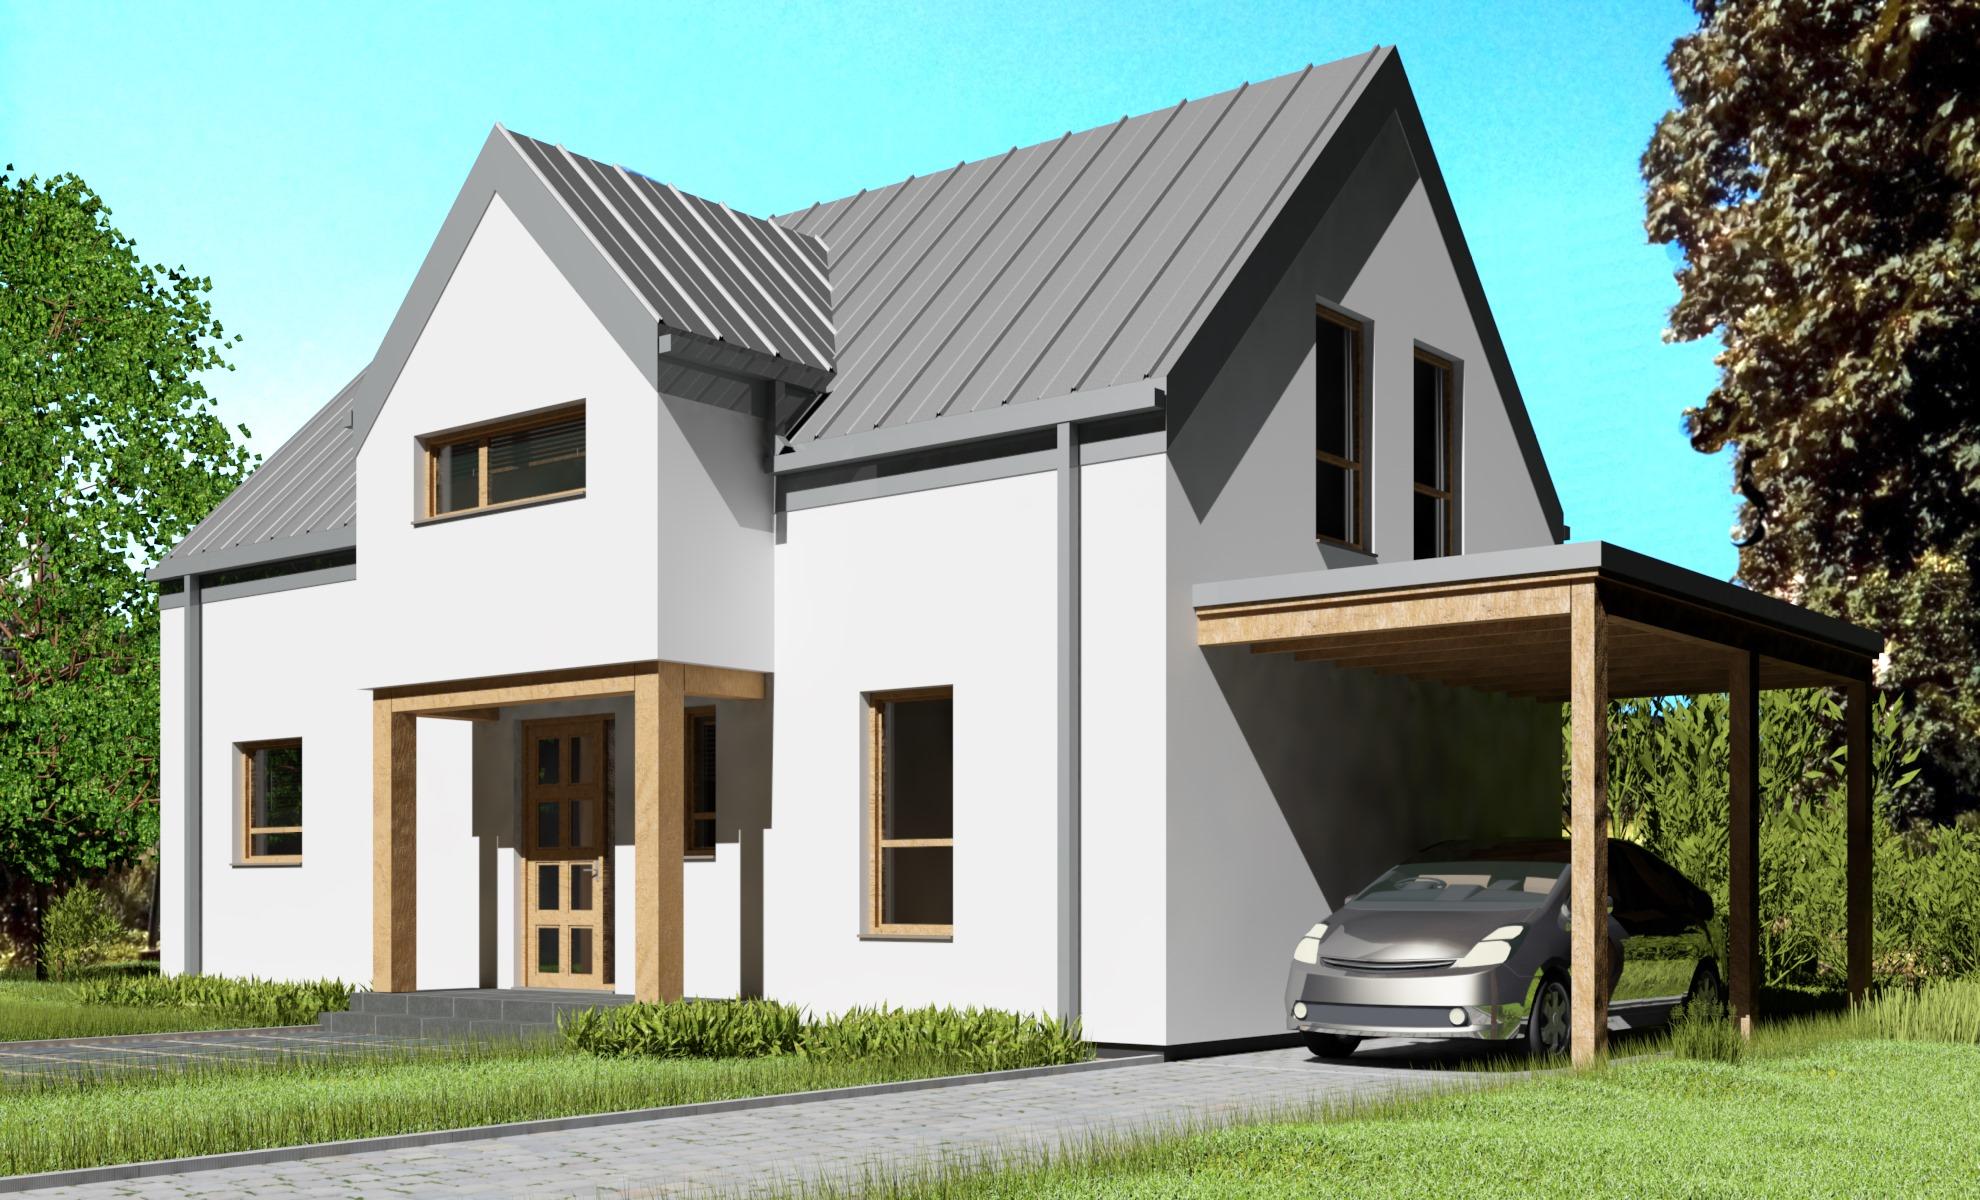 L0 6x12 (6 pokoi)  - dom energooszczędny o powierzchni 120,7 m2